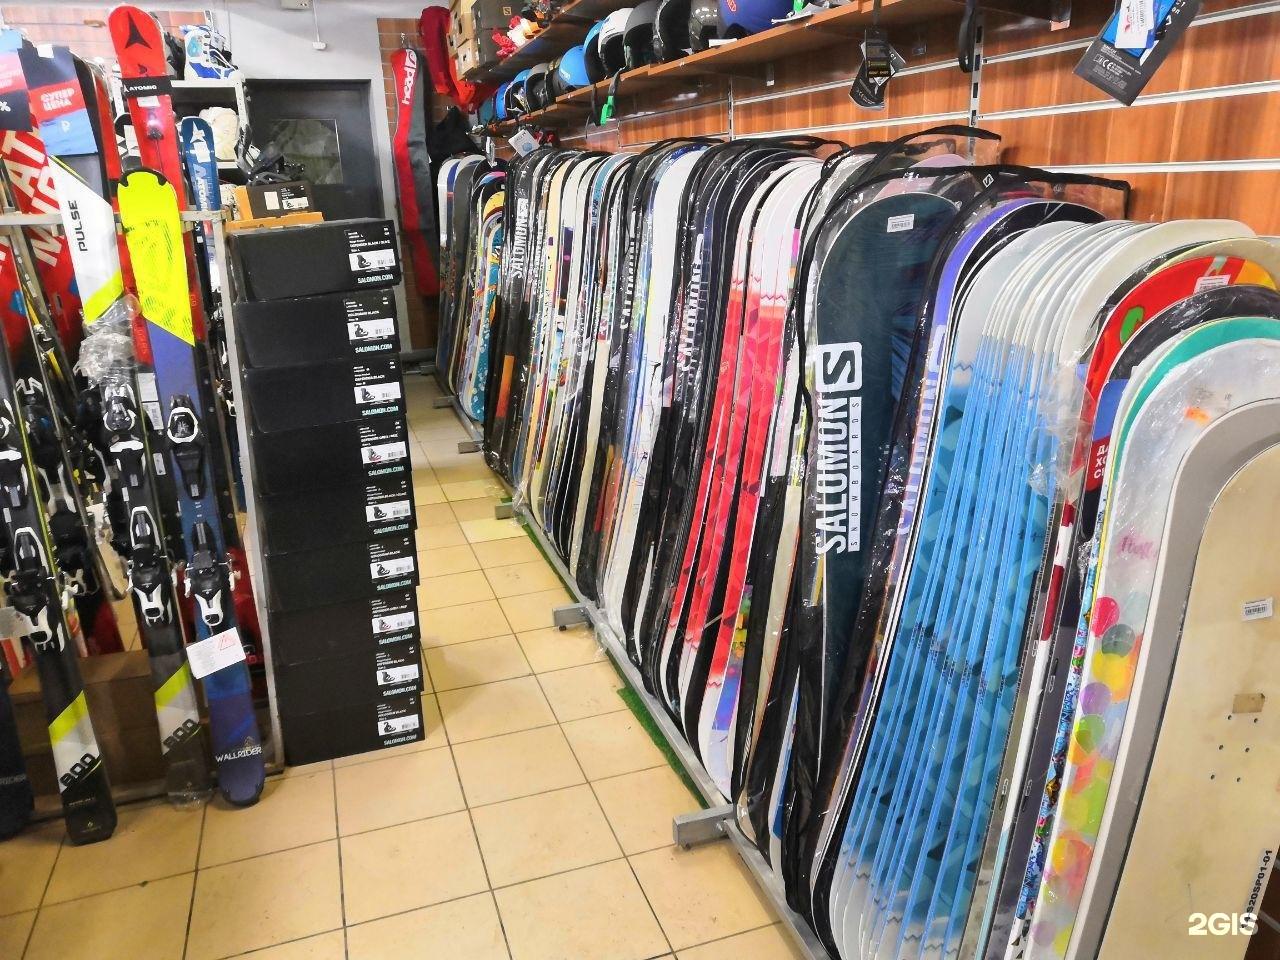 Магазин европа краснотурьинск фото там сплошные